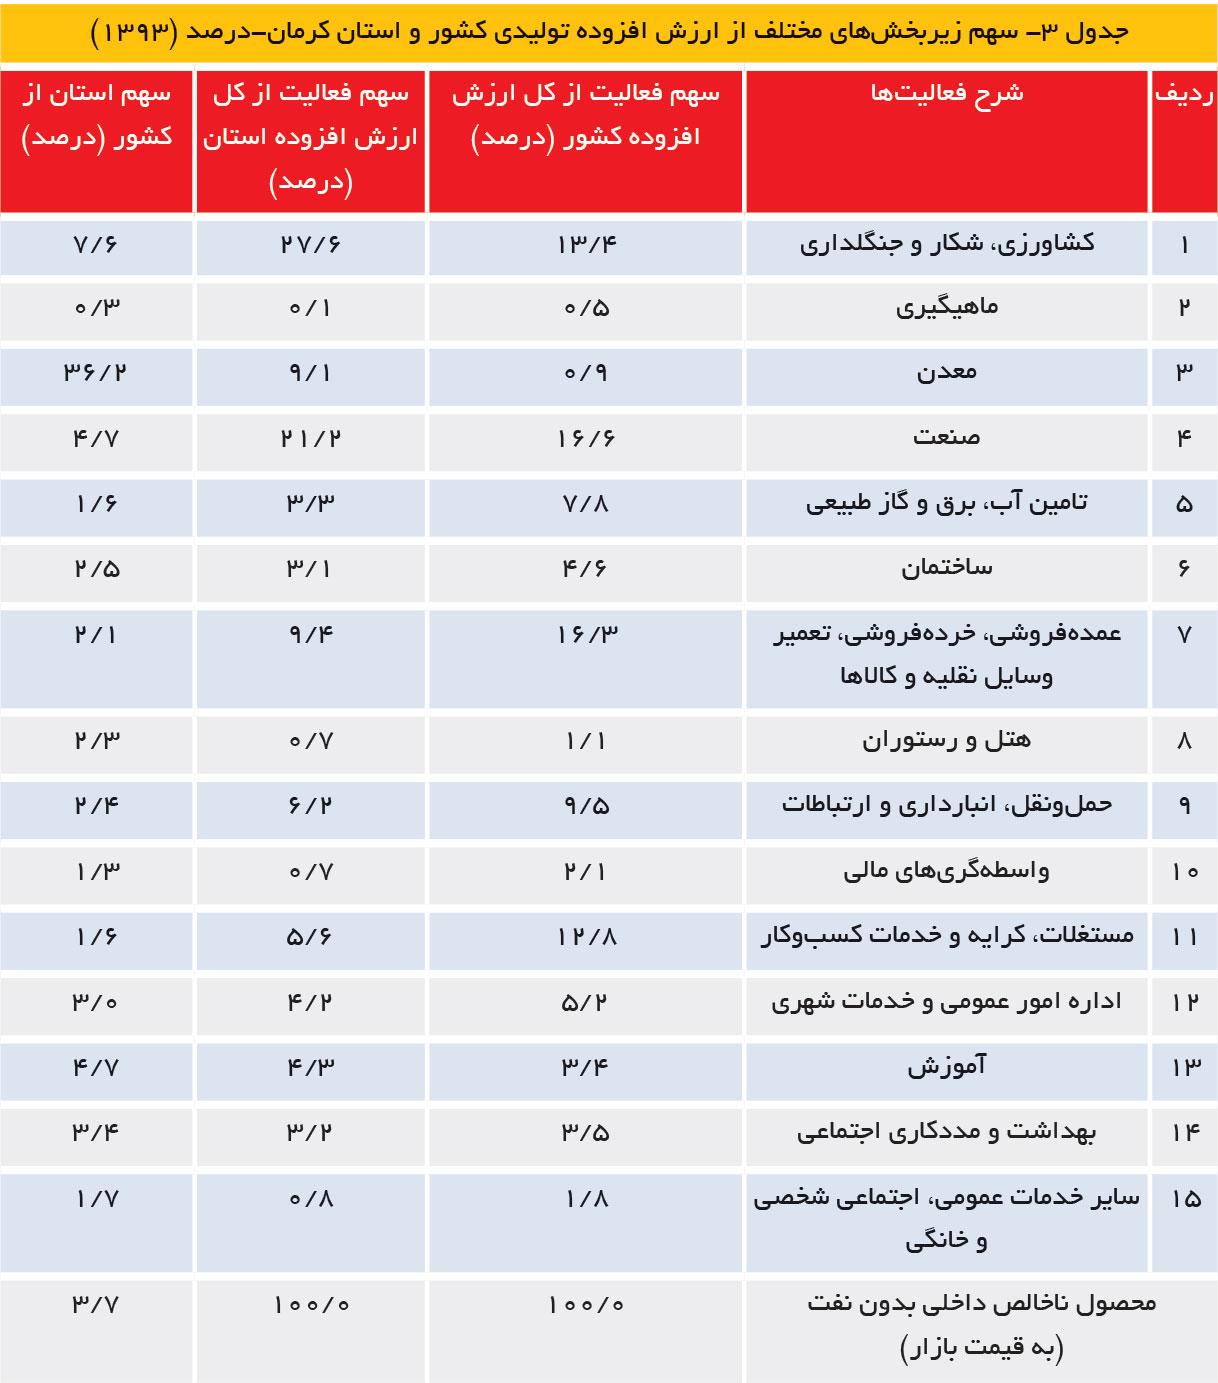 تجارت فردا- سهم زیربخشهای مختلف از ارزش افزوده تولیدی کشور و استان کرمان